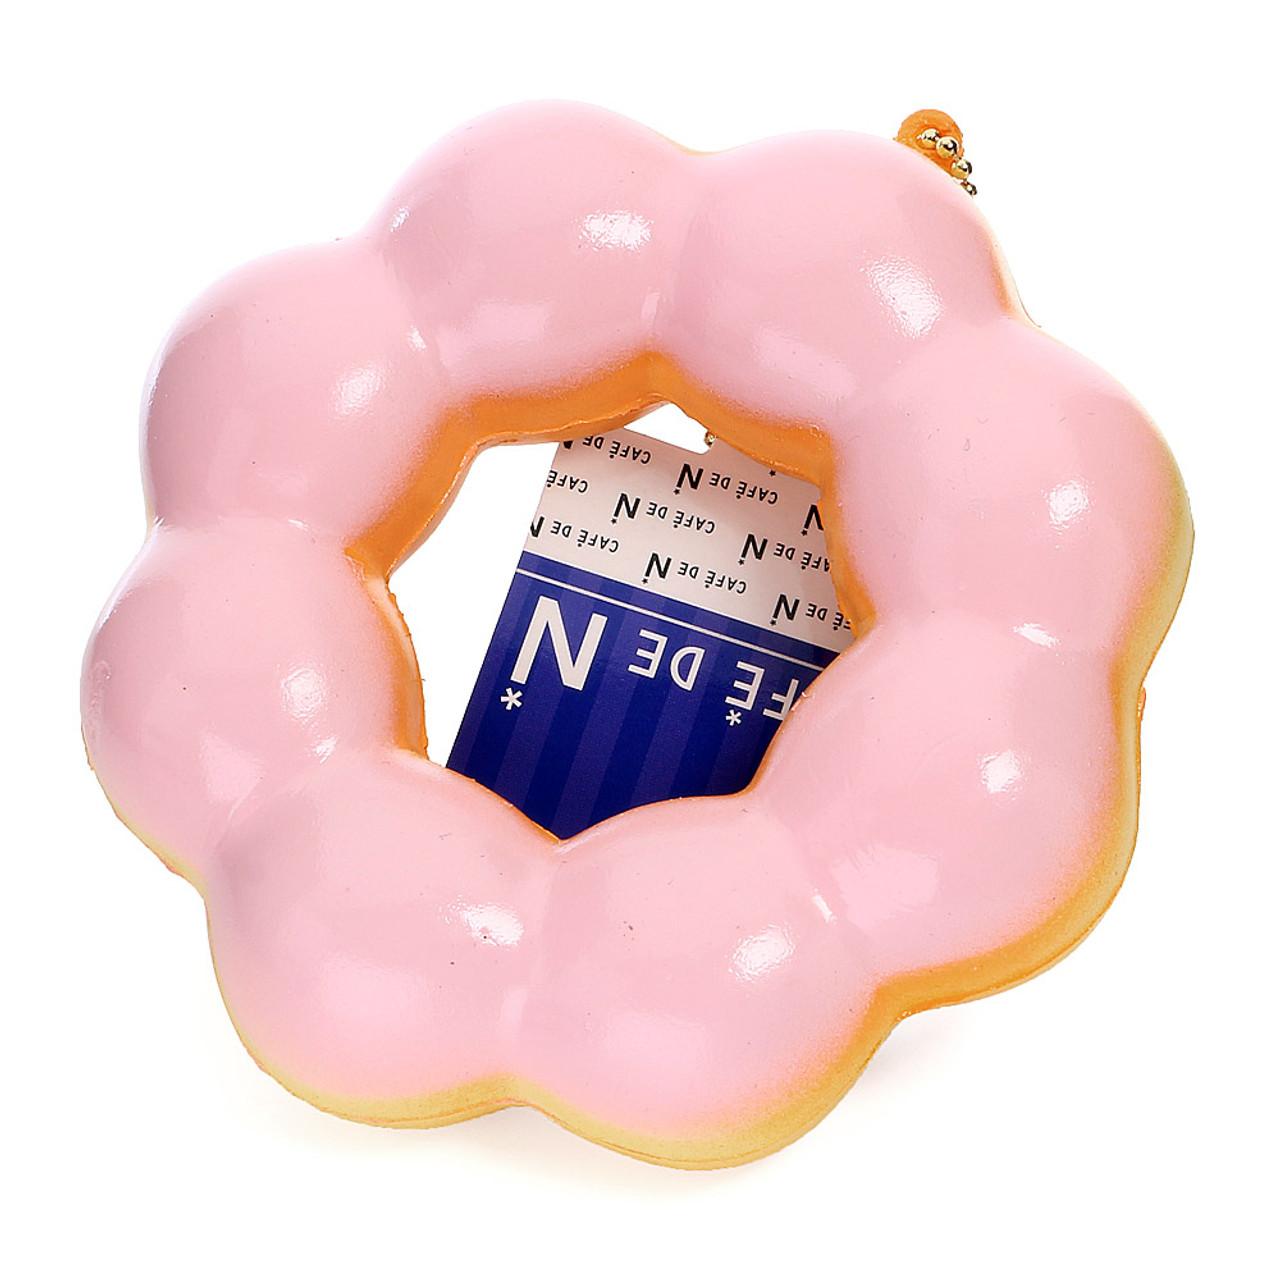 Café De N Strawberry Cream Pon de Ring Donut / Doughnut Super Soft Squishy Cellphone Charms ( 45 Degree Angle )